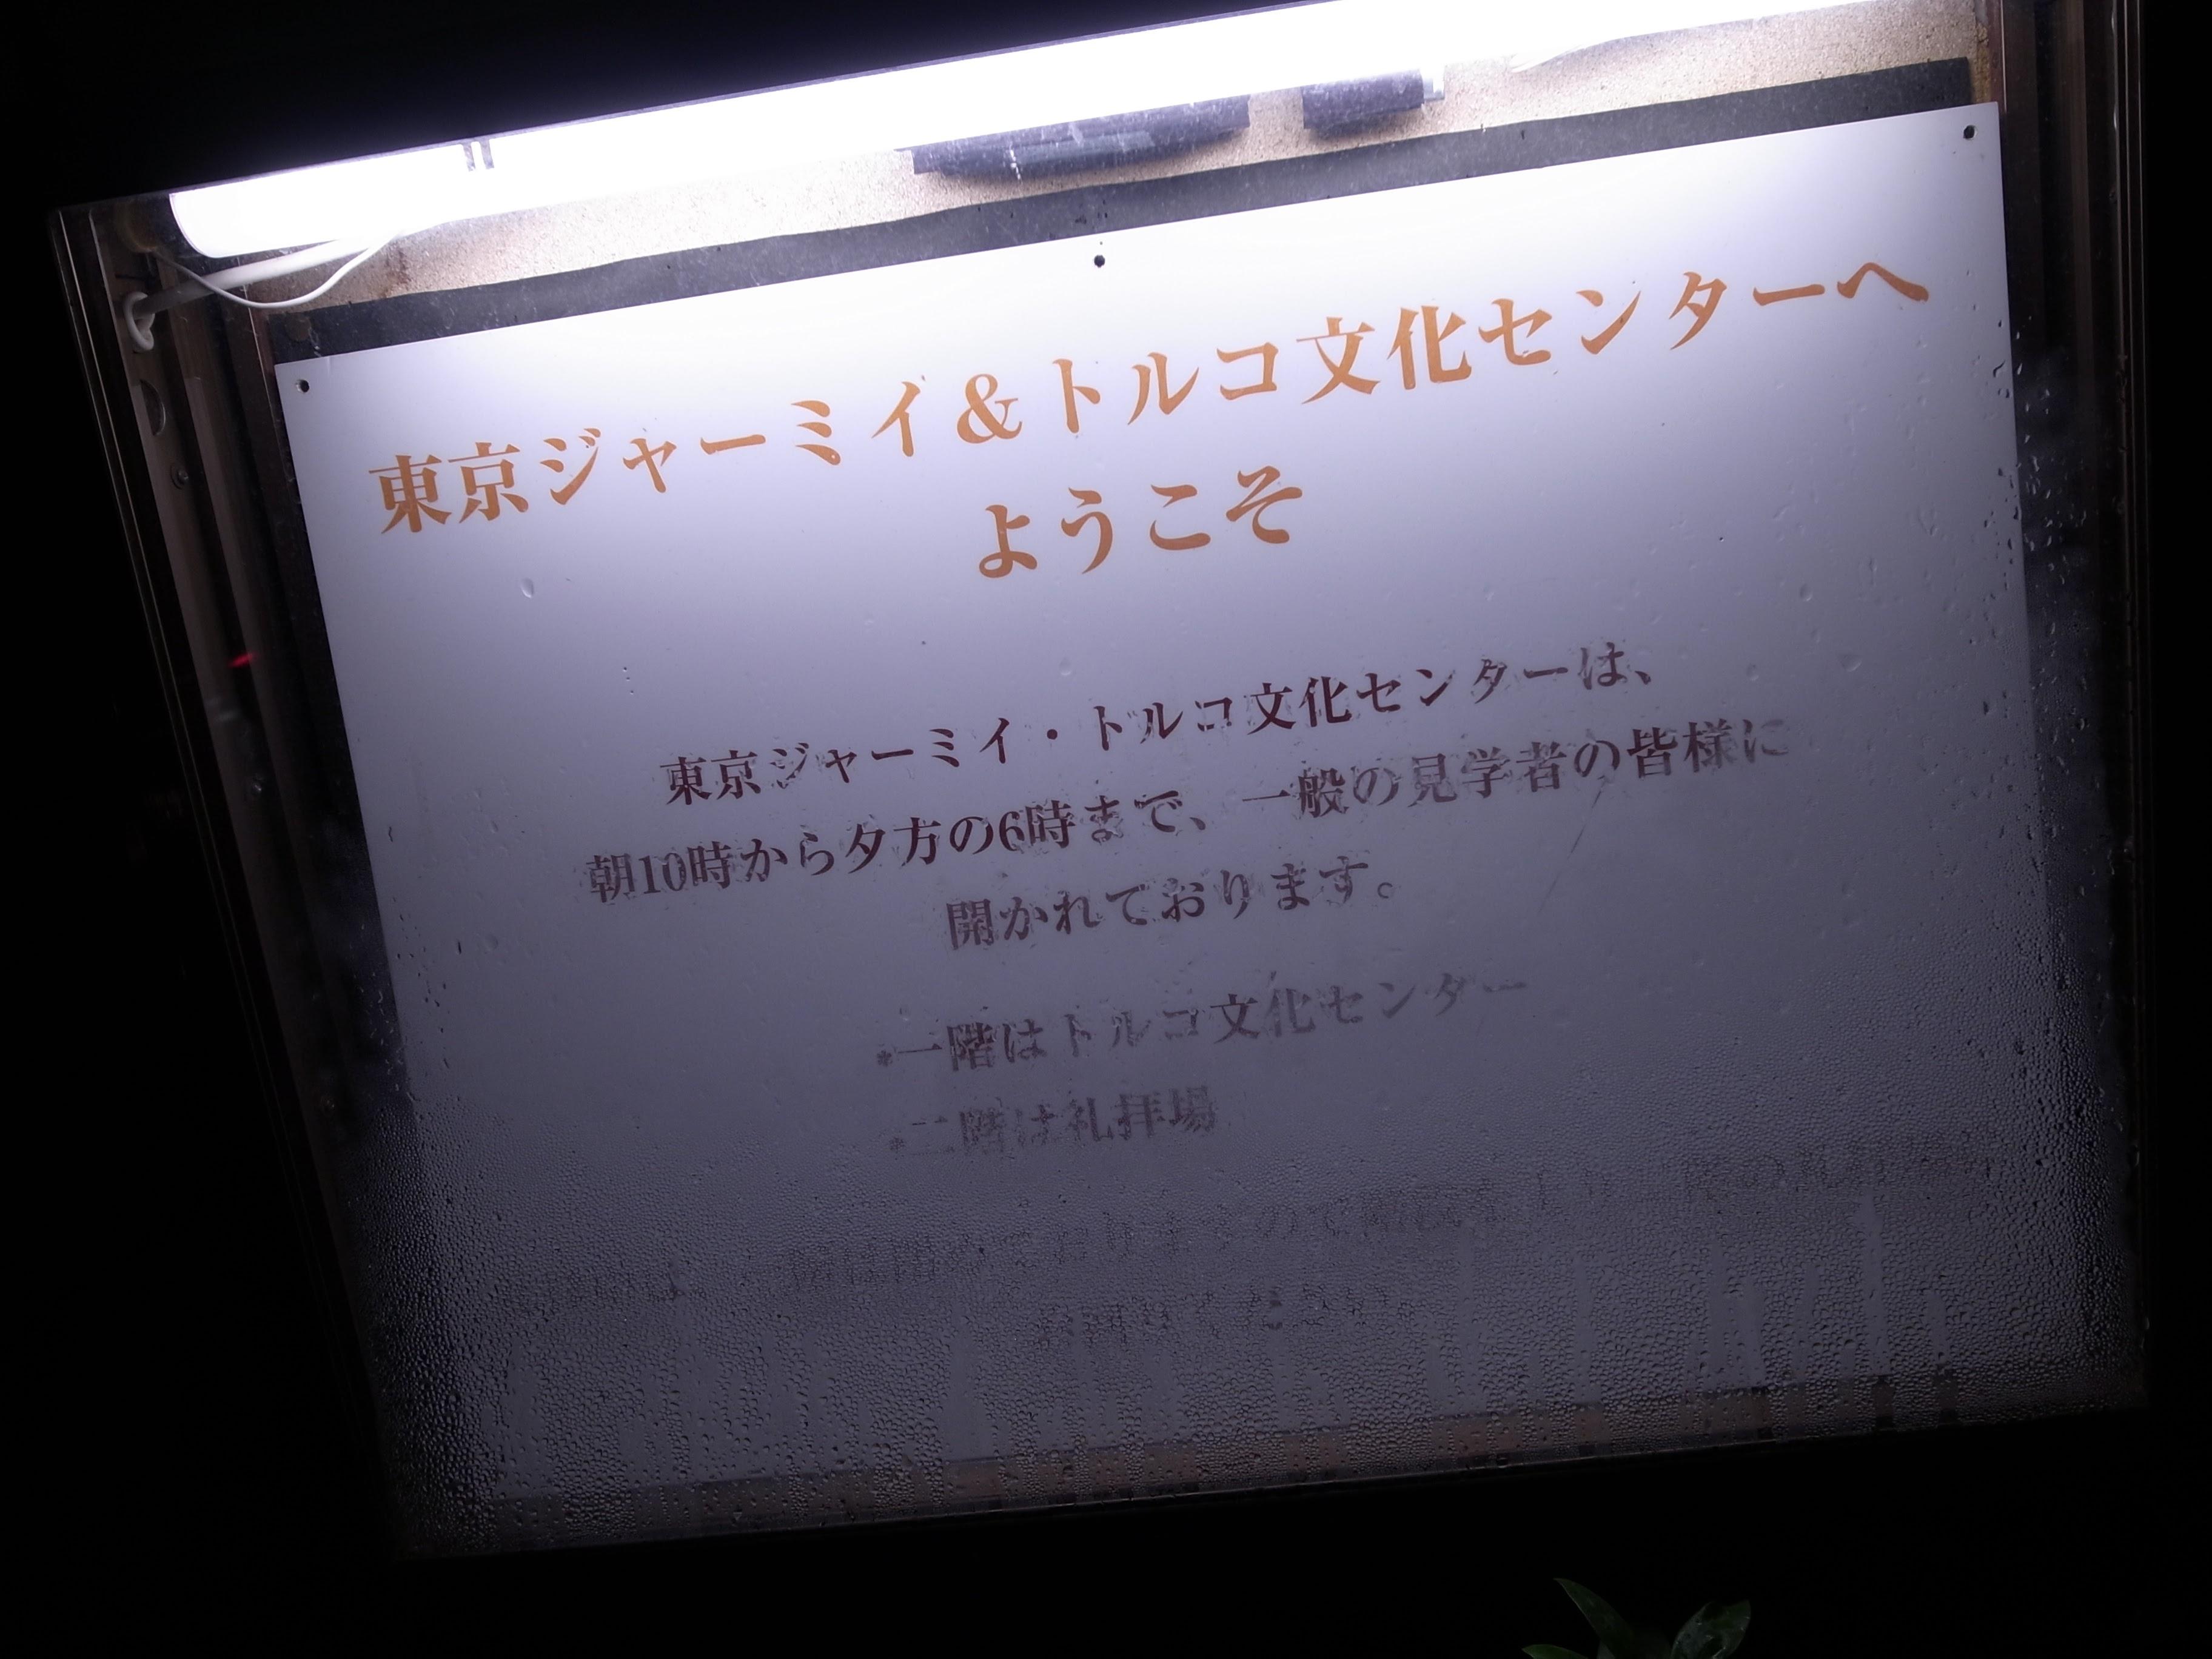 0886-201507_Tokyo Camii 02